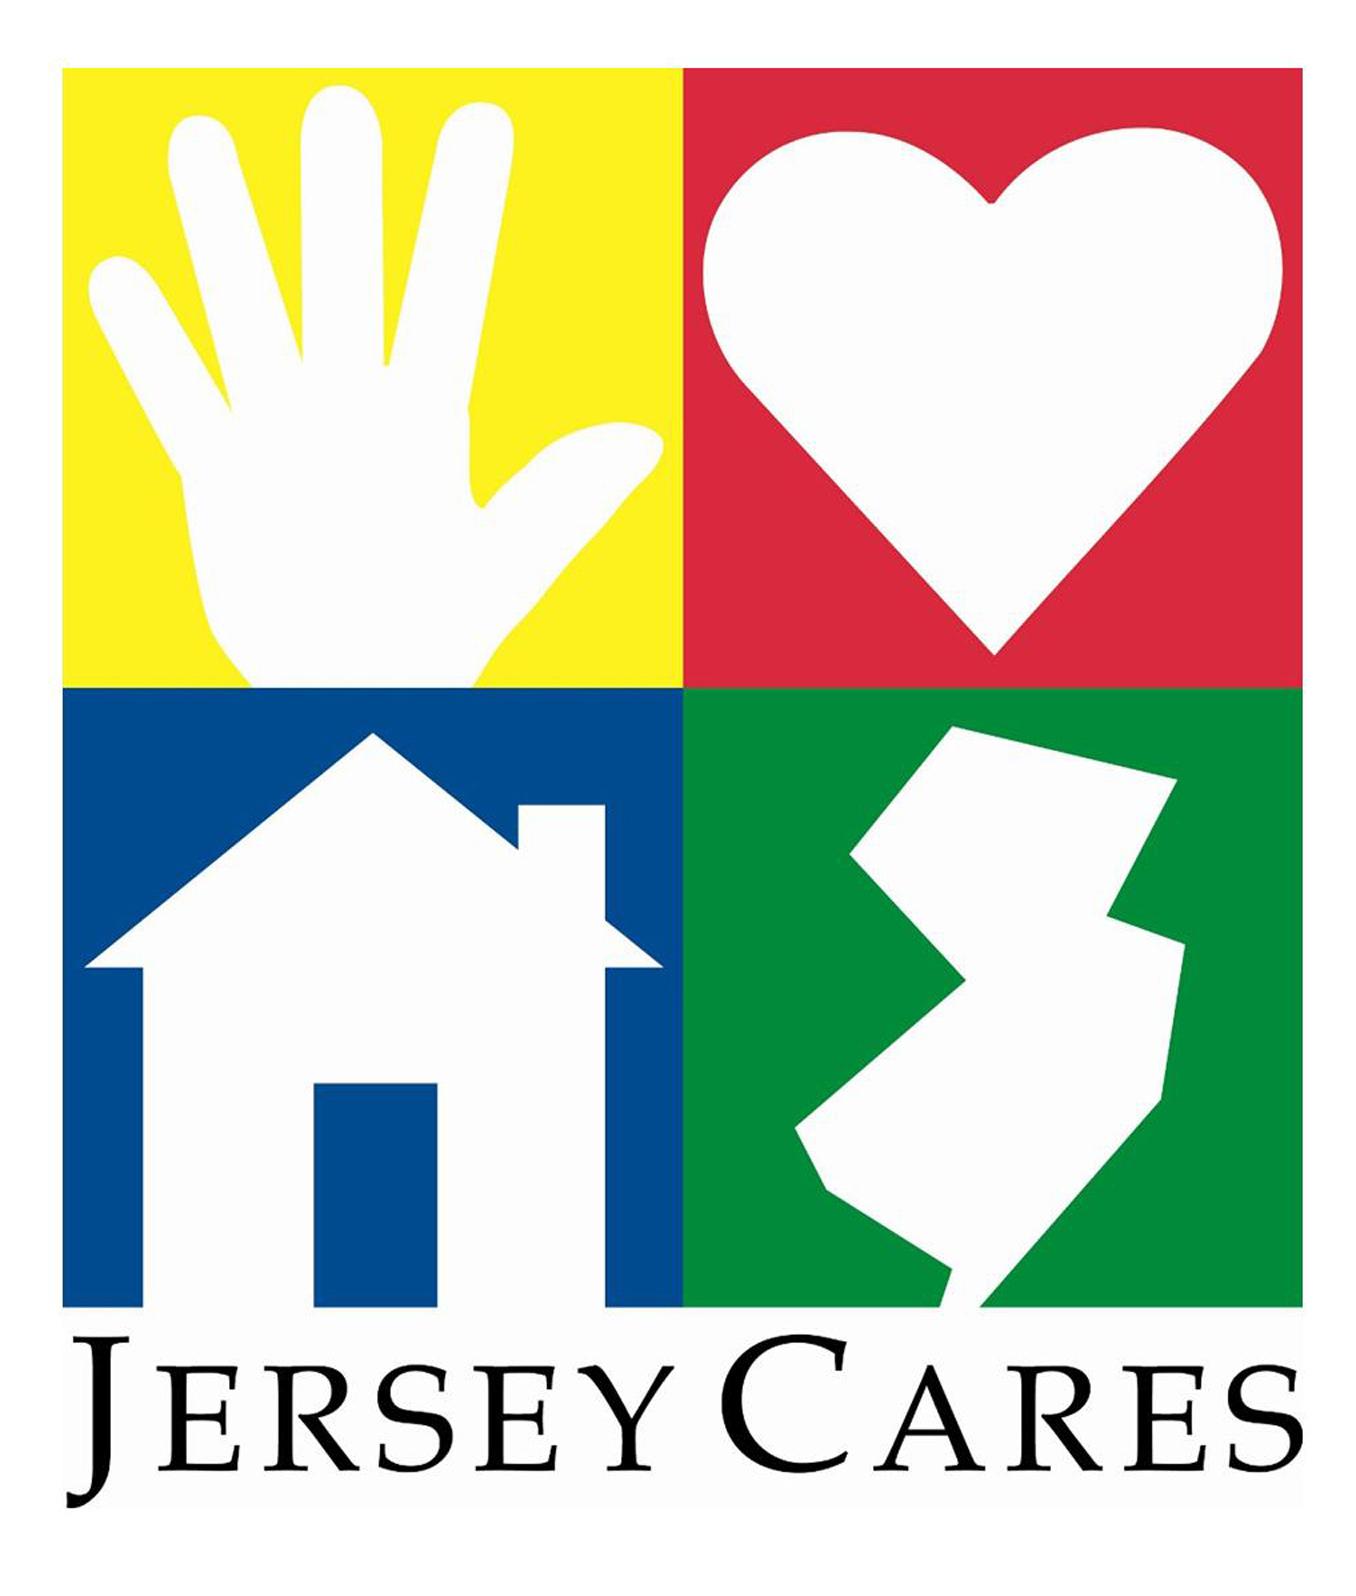 jersey_cares.jpg